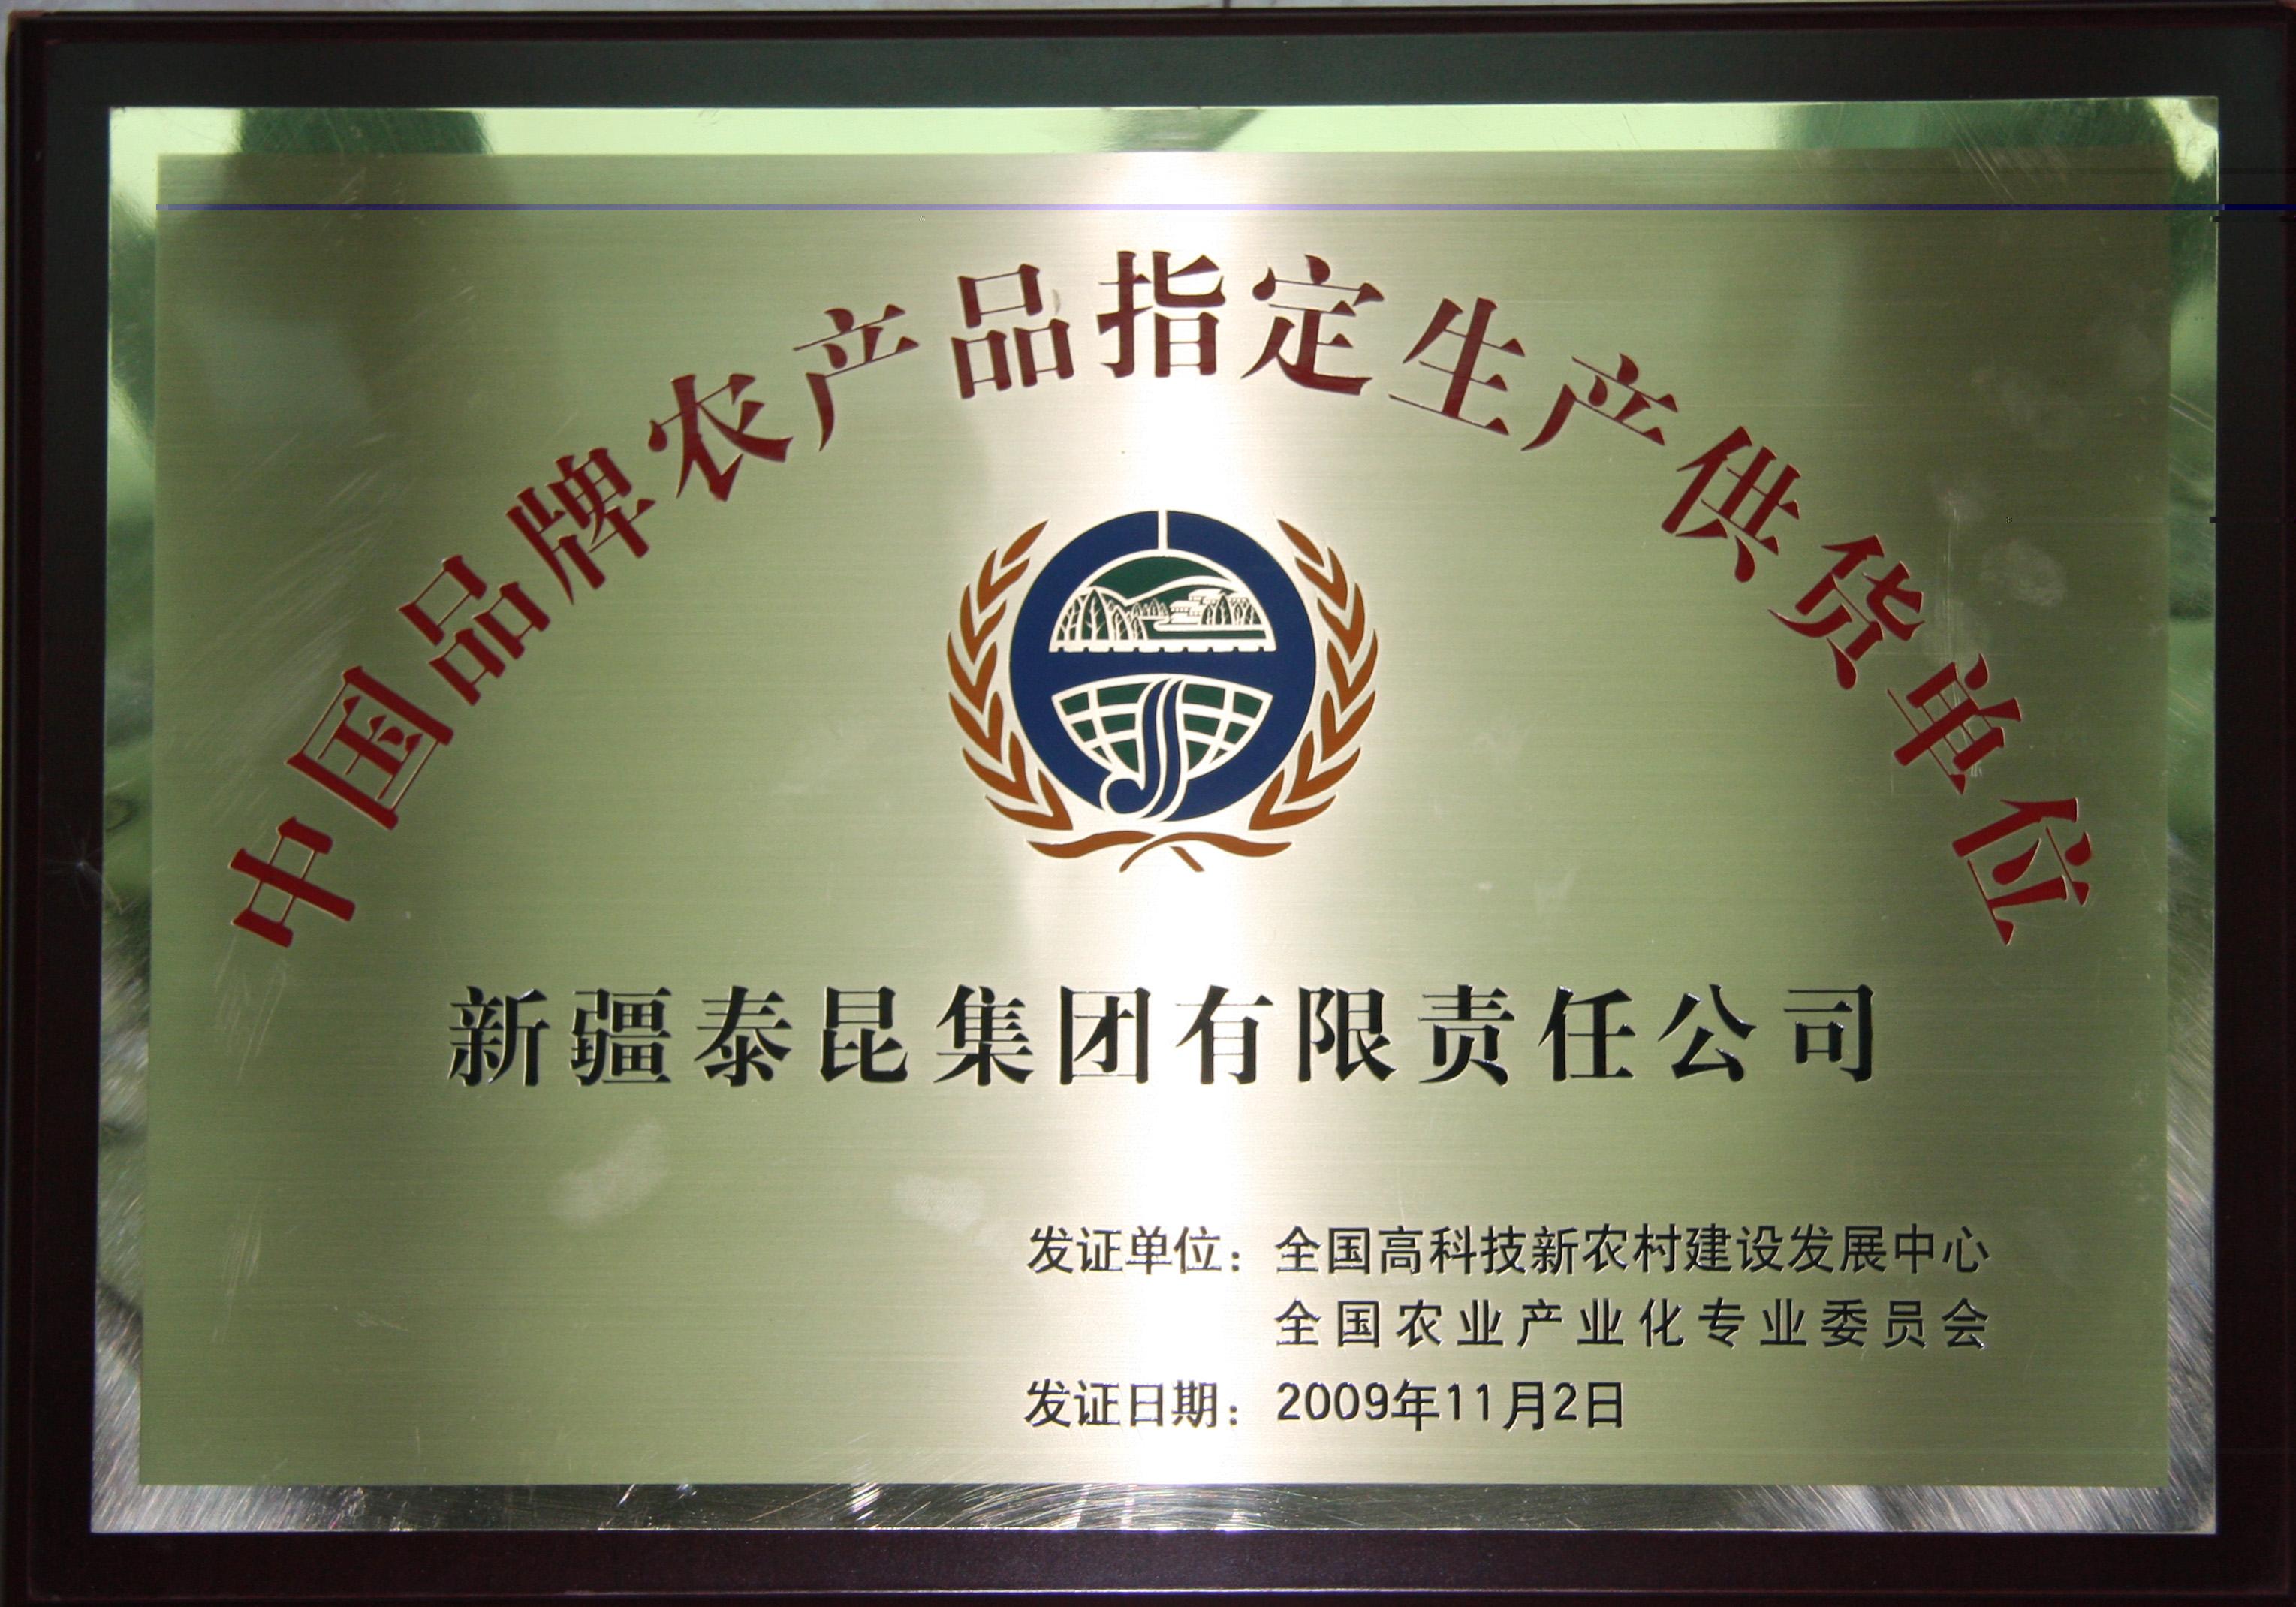 中國品牌農產指定生產供貨單位2009.11